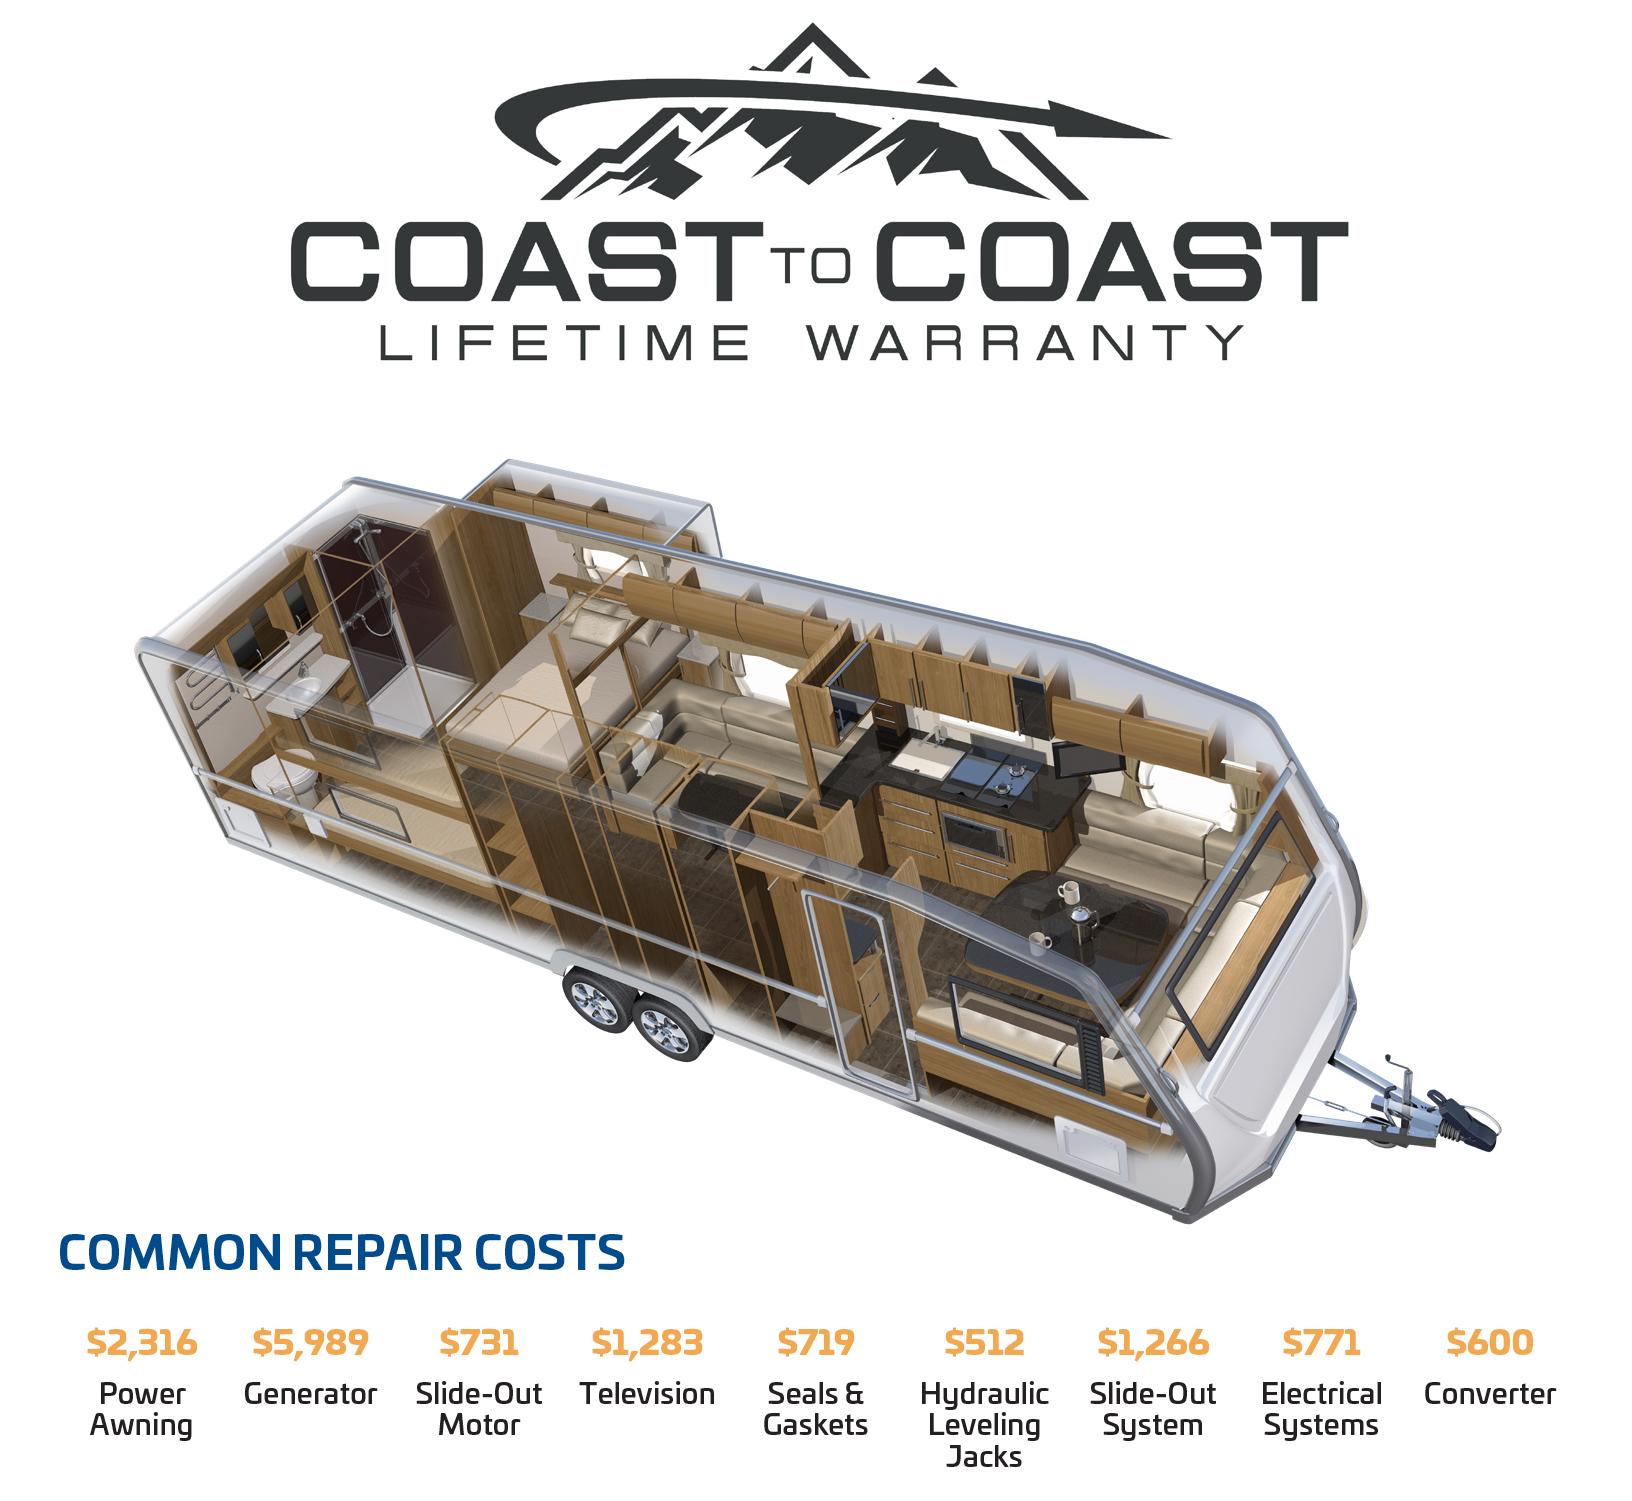 coast to coast warranty